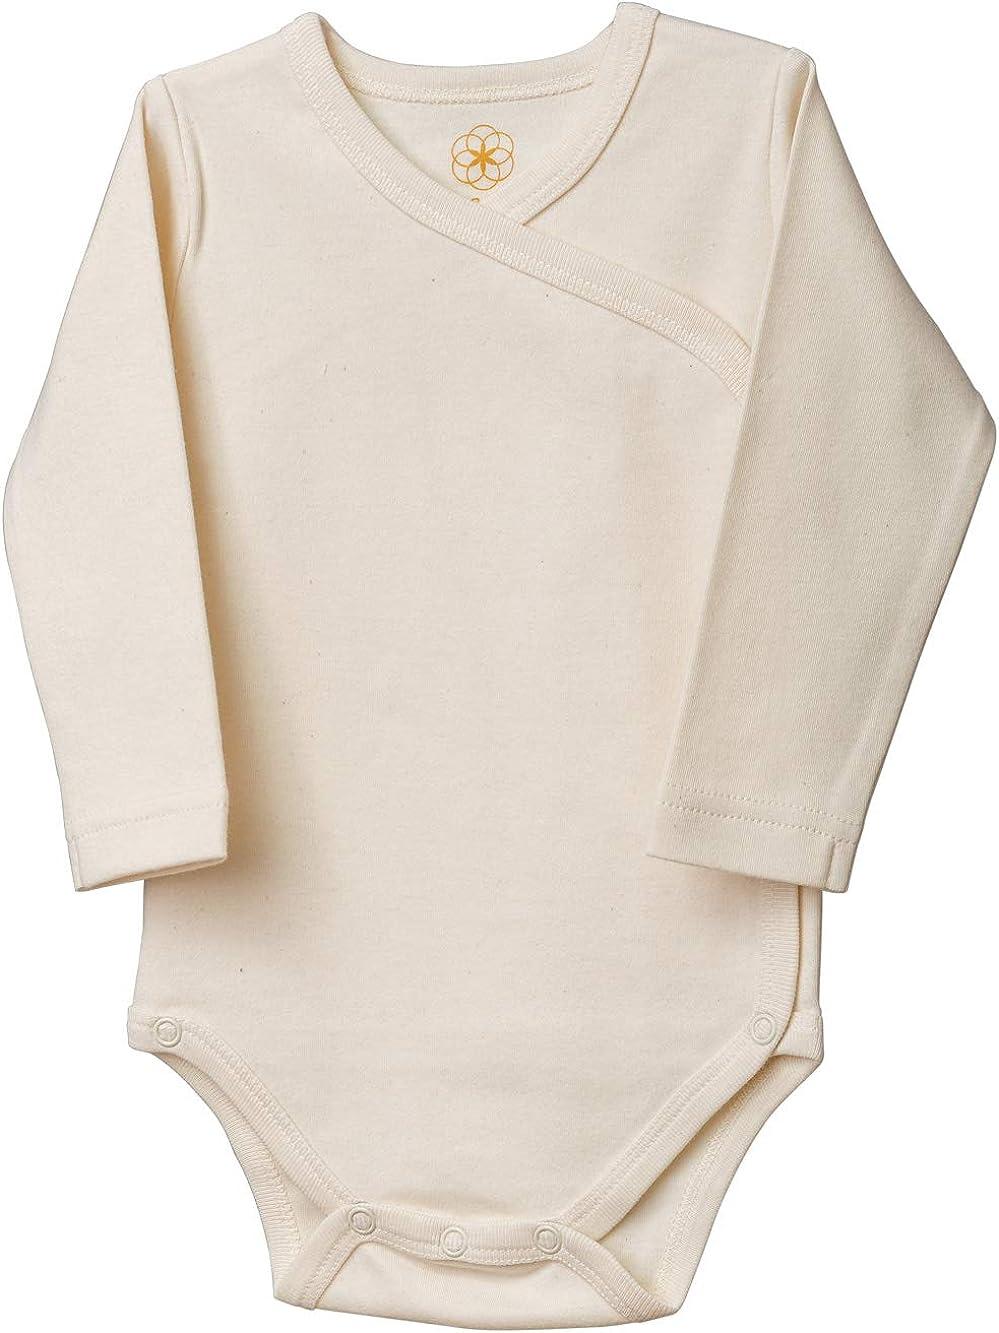 Sch/önheit der Natur GOTS Zertifiziert Organic by Feldman Unisex Baby Body Langarm Wickelbody aus Bio Baumwolle